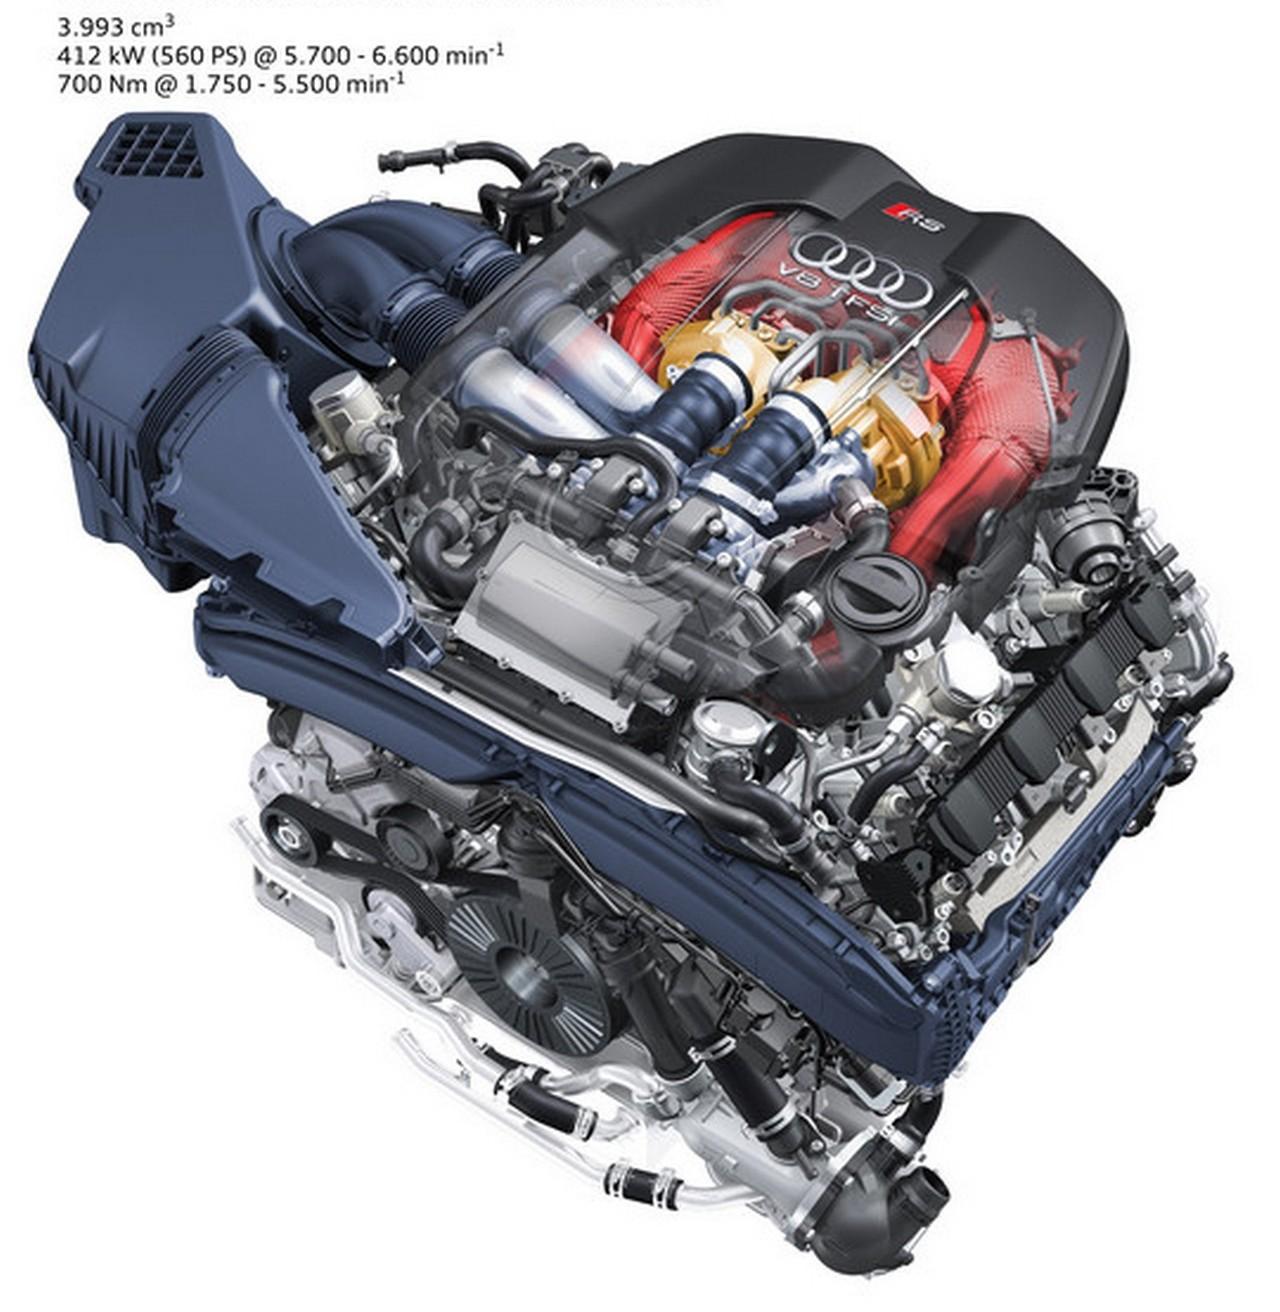 4.0 V8 TFSI 1